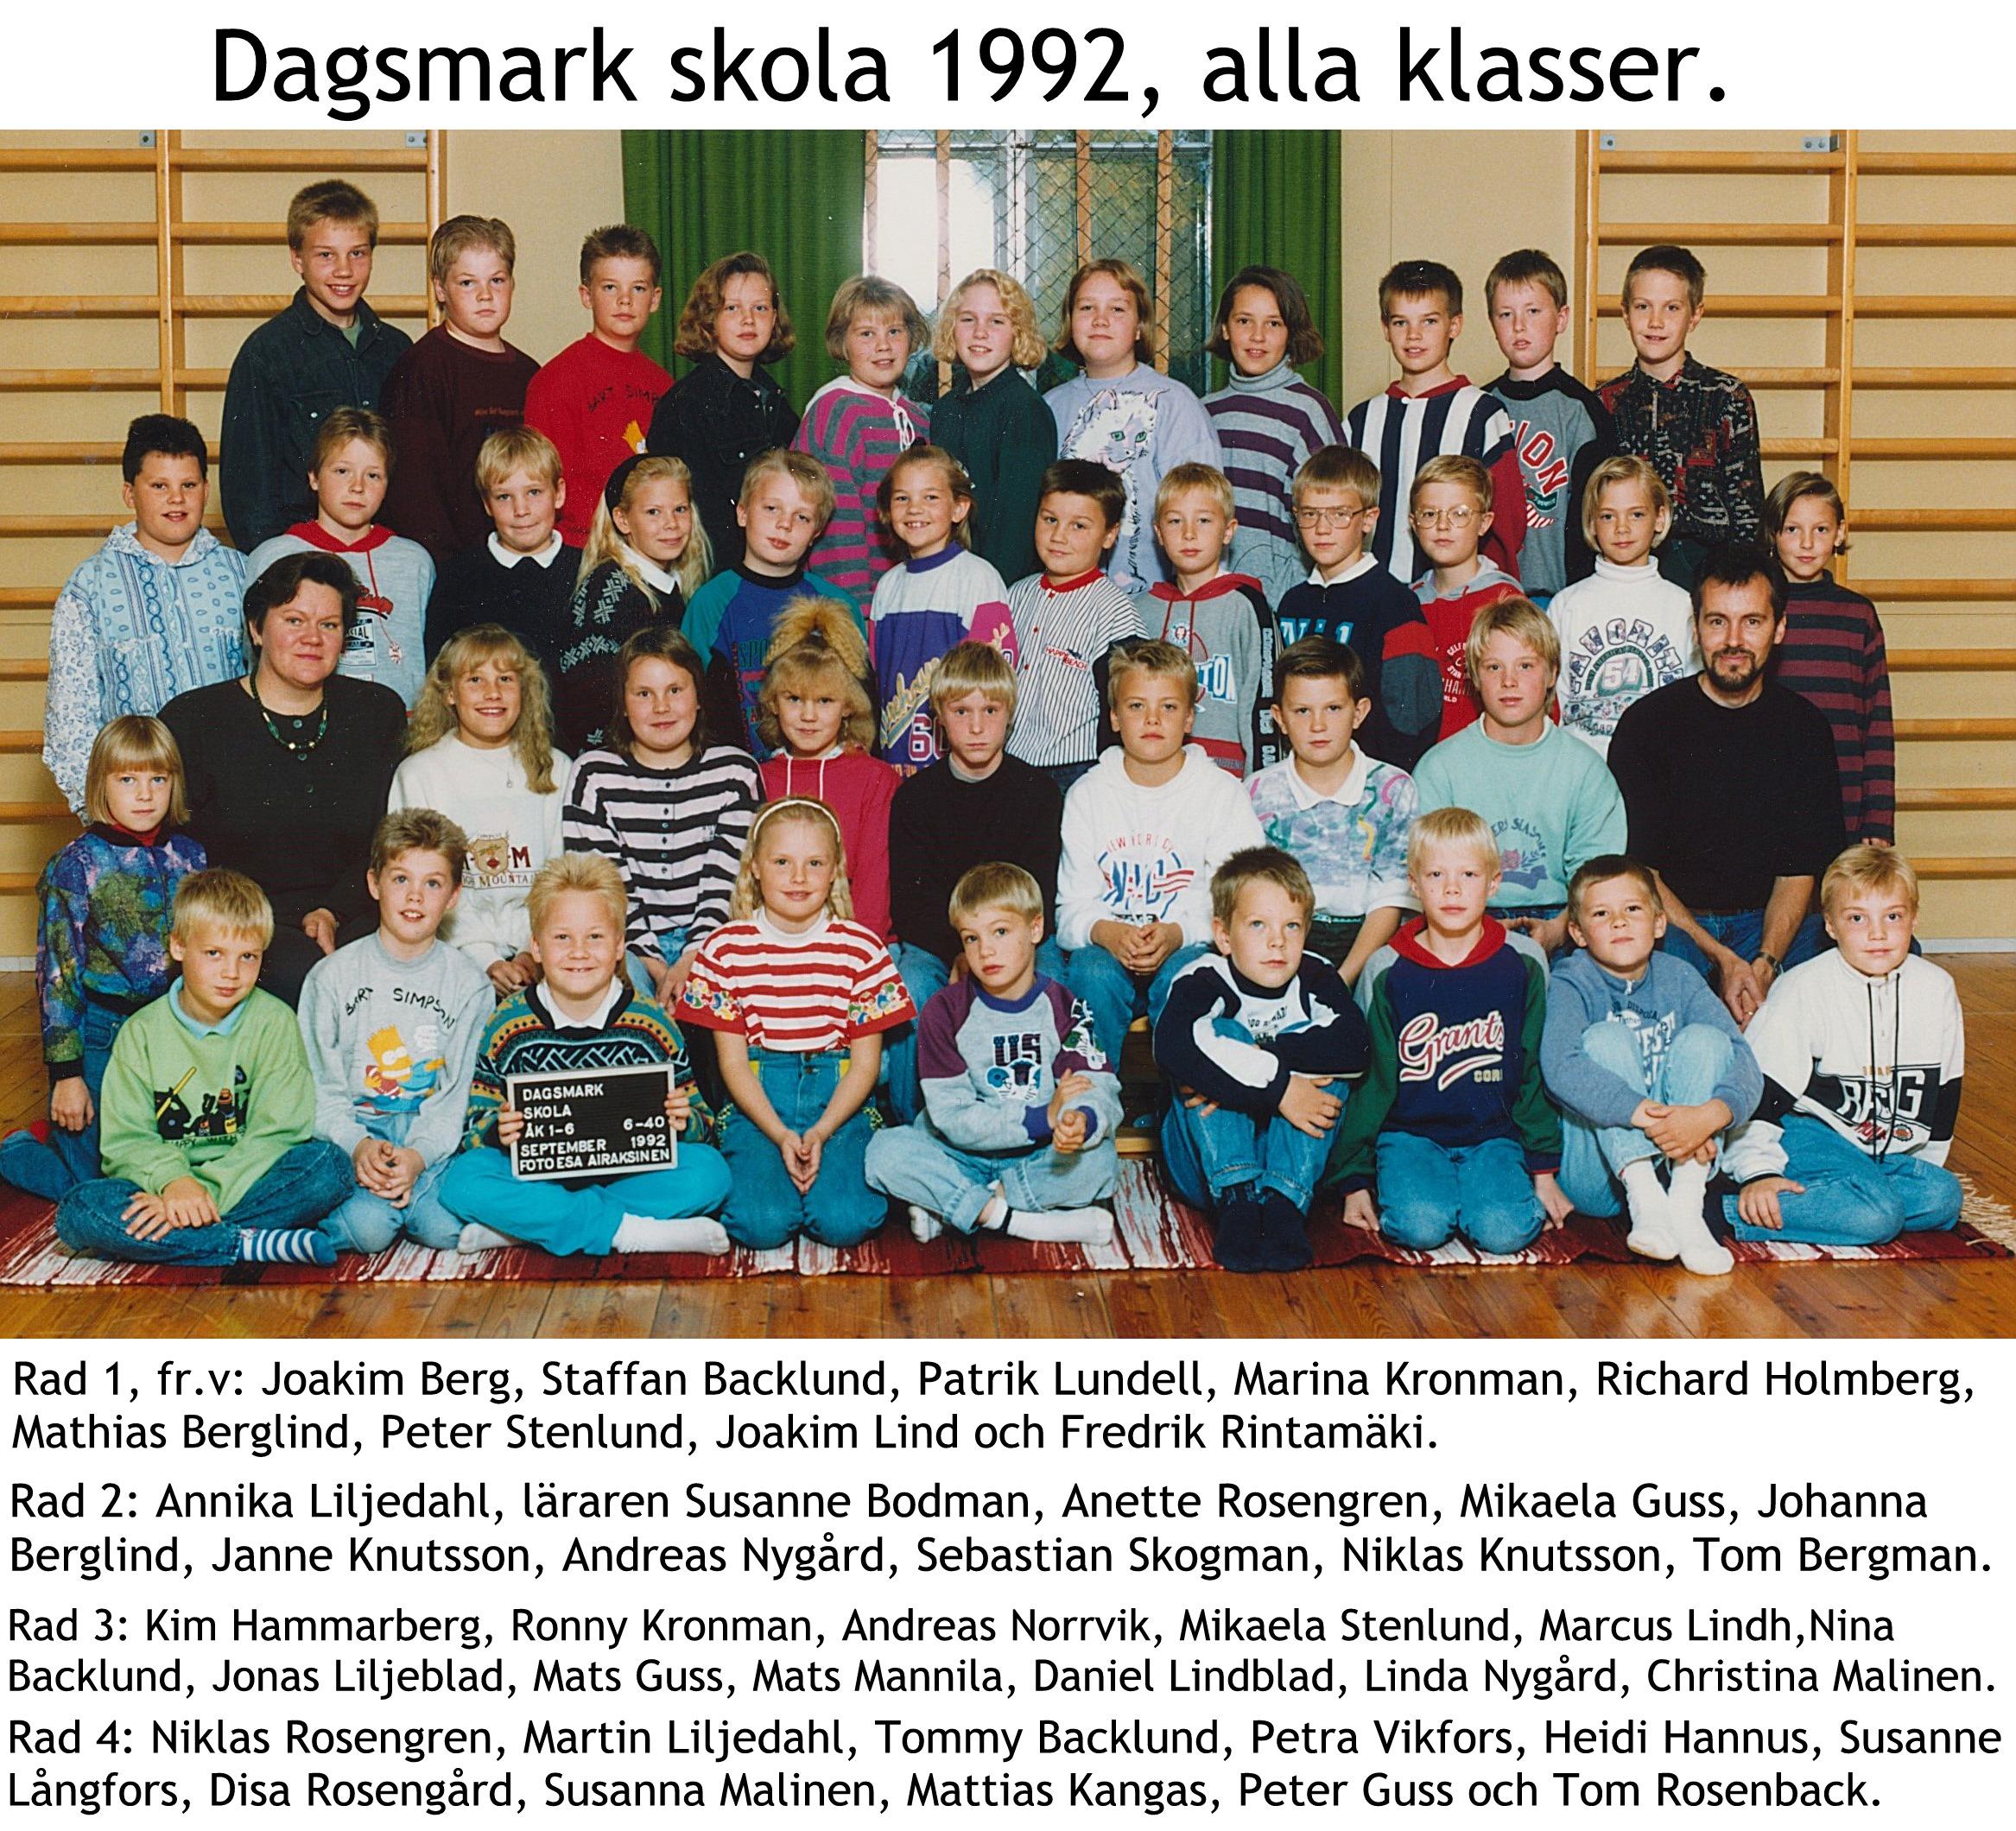 1992 Dagsmark skola 1-6